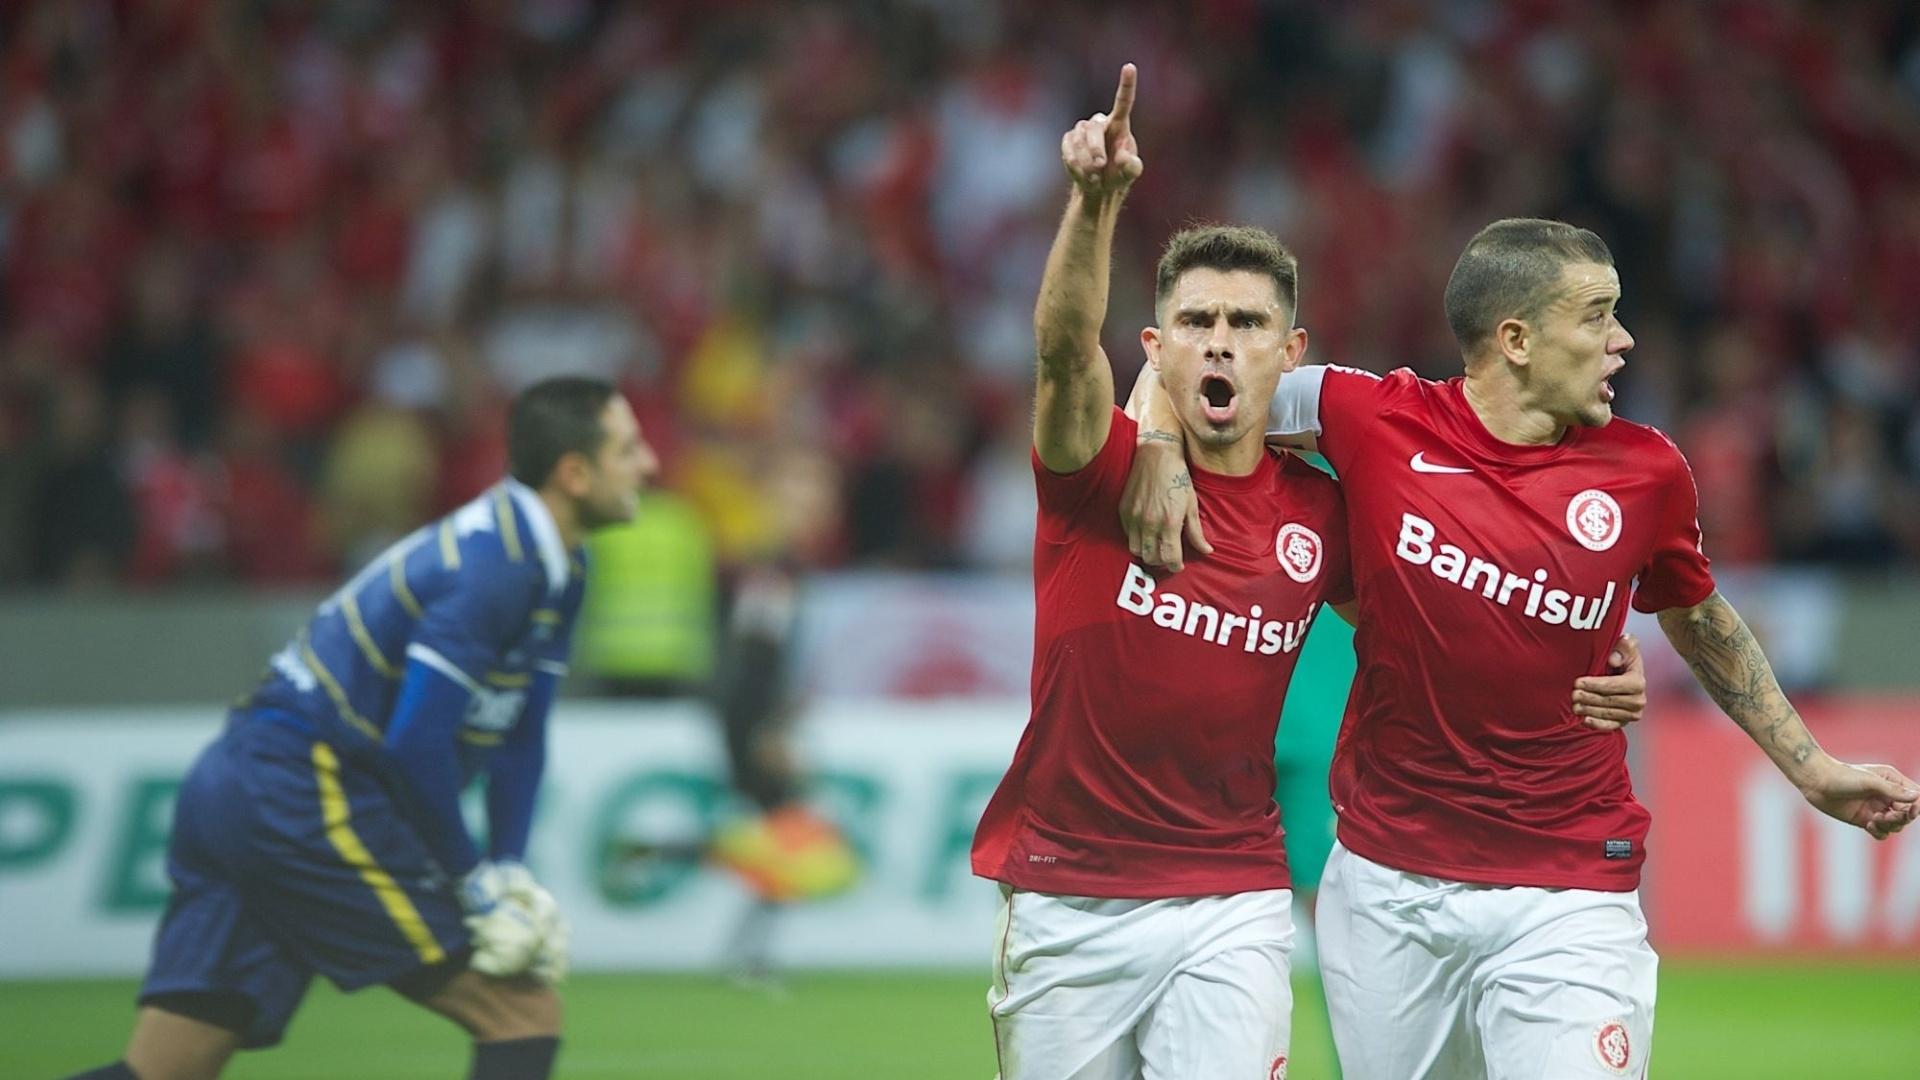 14.05.2014 - Alex e D'Alessandro comemoram gol do Inter diante do Cuiabá, pela Copa do Brasil